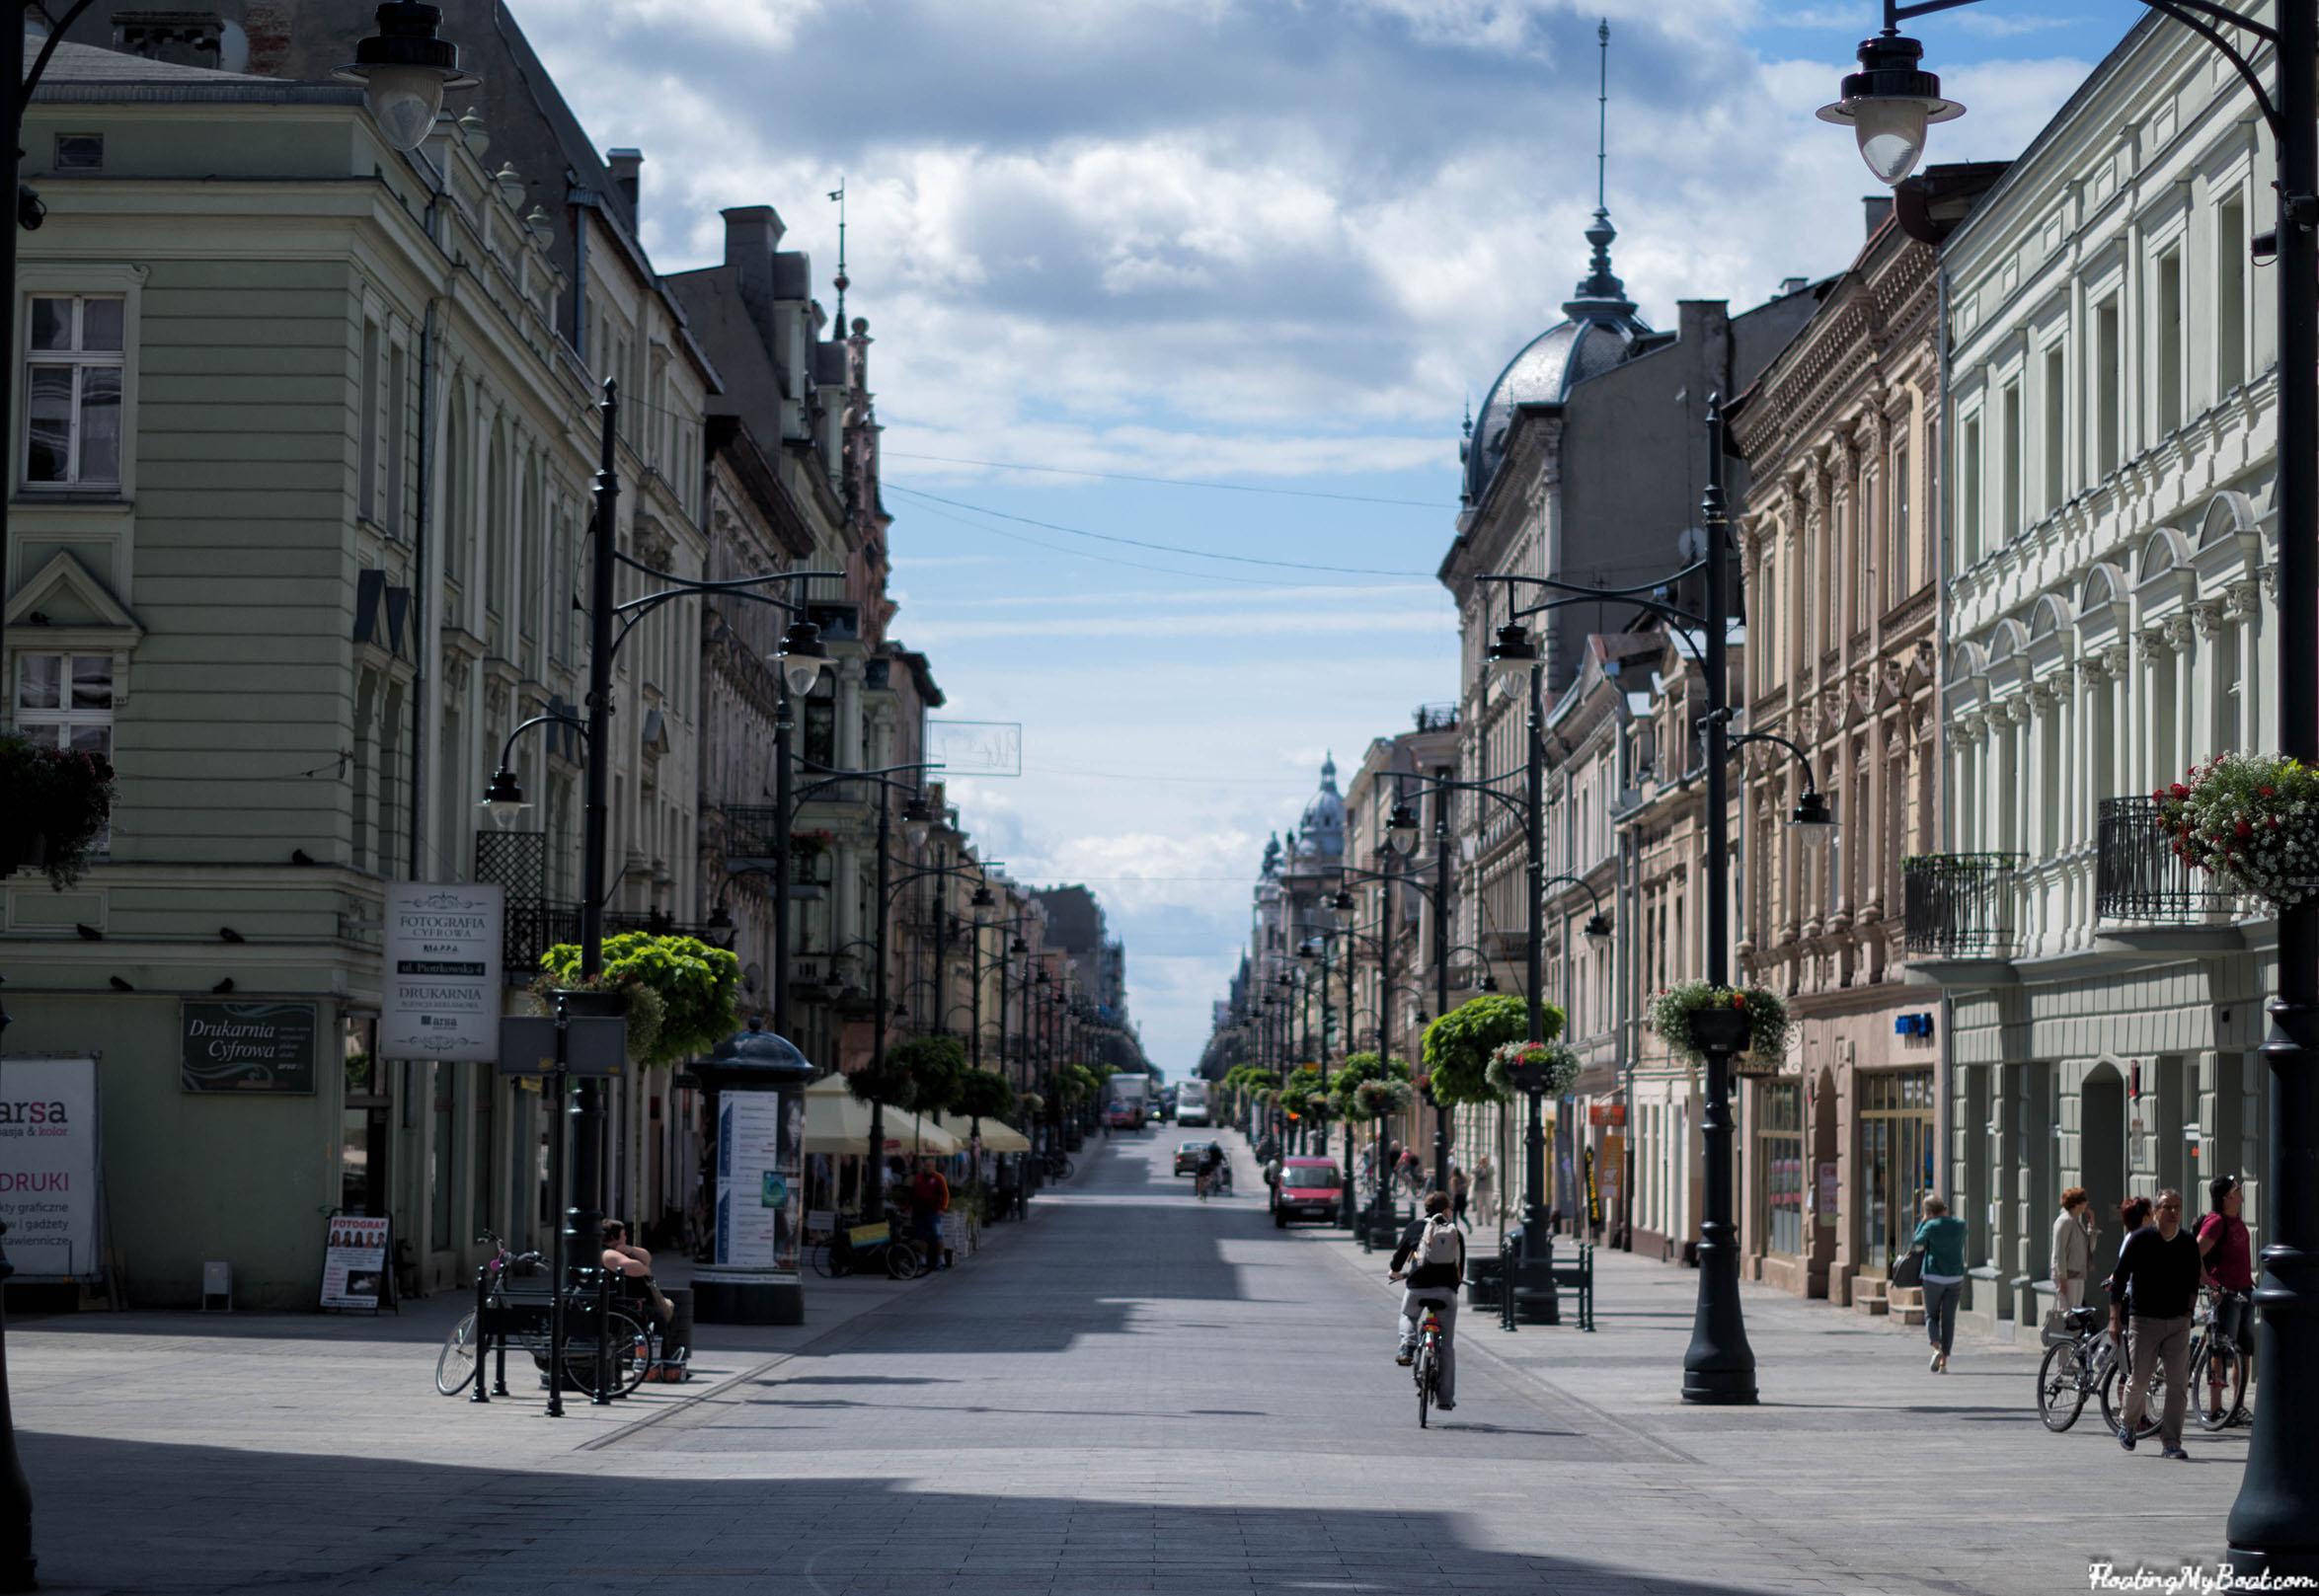 ulica-piotrkowska-łódź